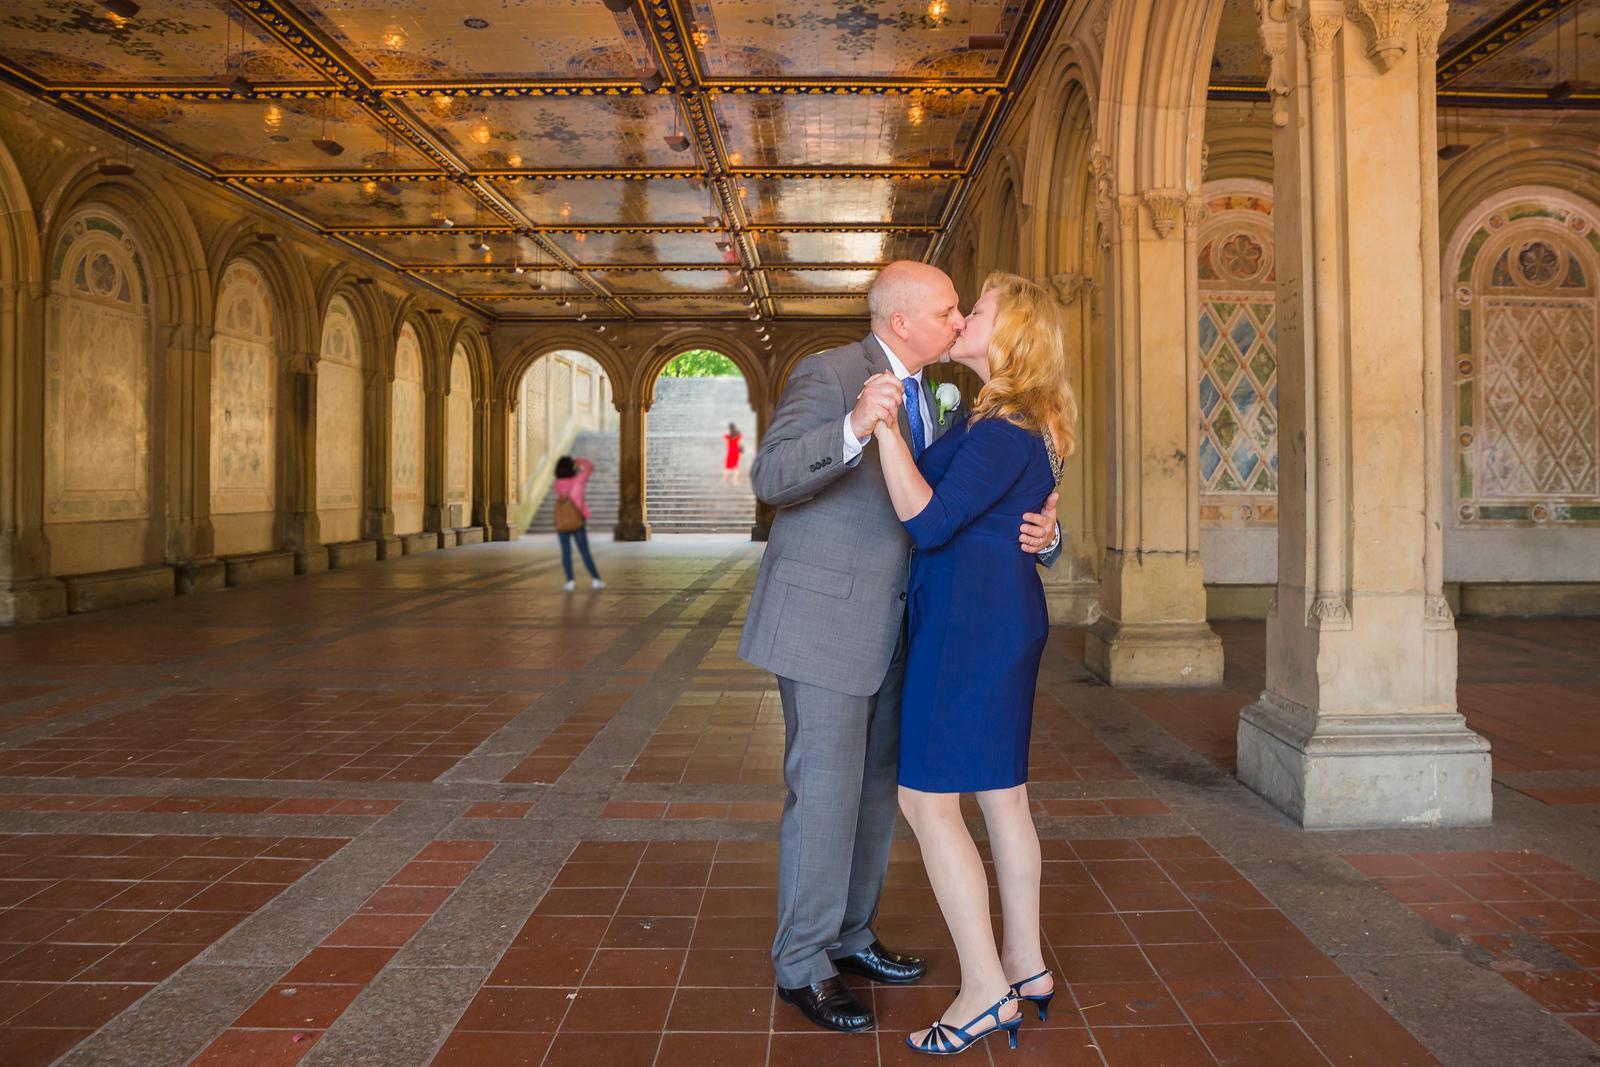 Central Park Elopement - Kyle & Tammy-52